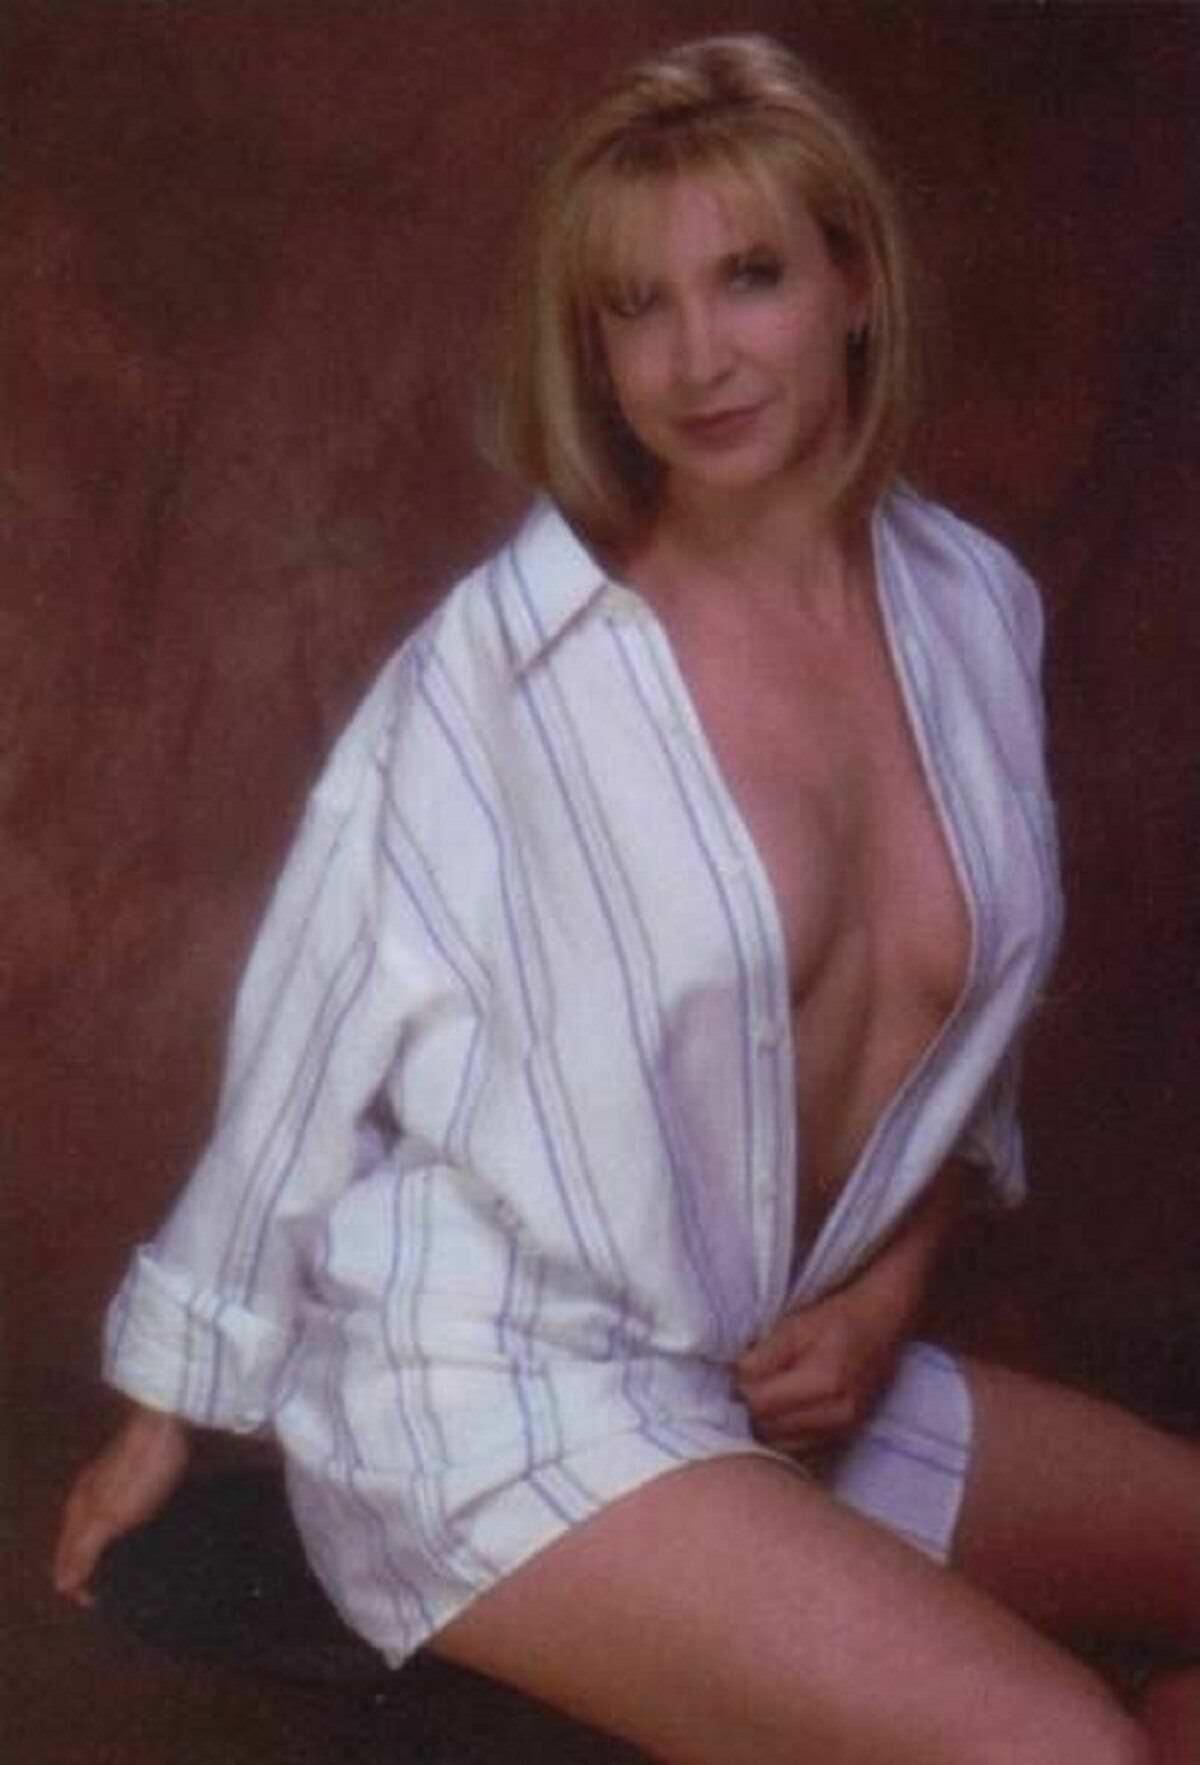 Cynthia rothrock nude hq porn galery